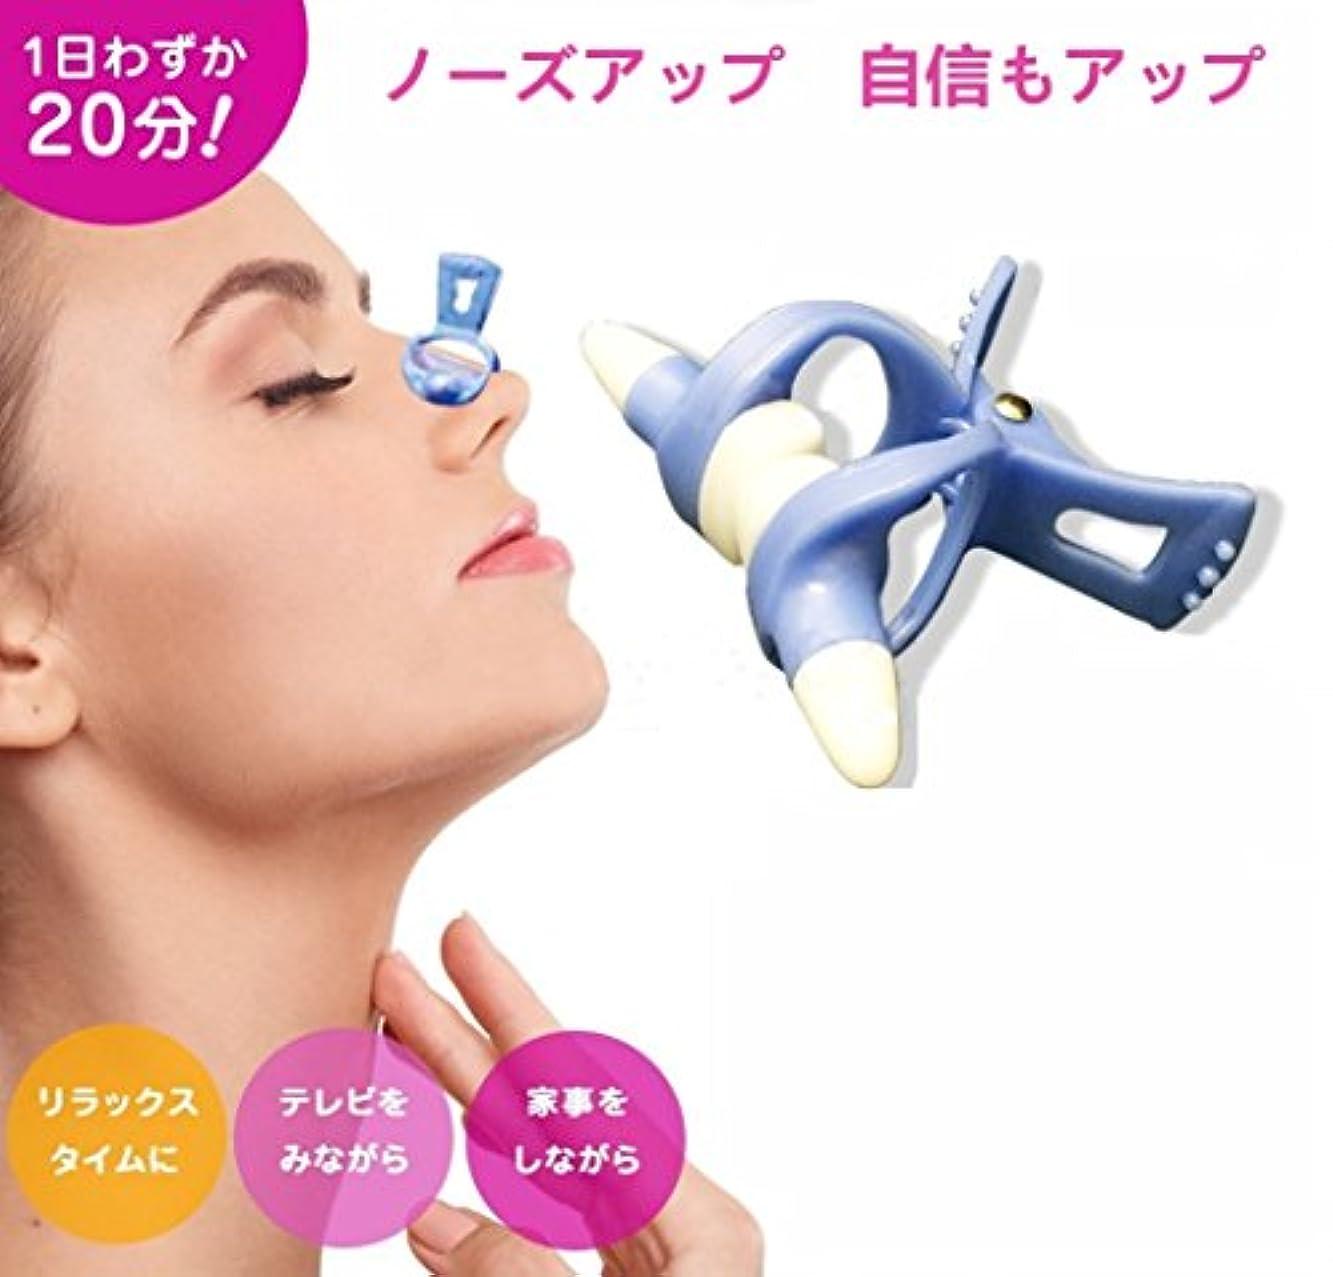 誤って希少性等価ノーズアップ ノーズクリップ Vicona鼻クリップ 美鼻 鼻筋矯正 鼻プチ プチ整形 鼻筋セレブ 抗菌シリコンで  柔らか素材で痛くない 肌にやさしい